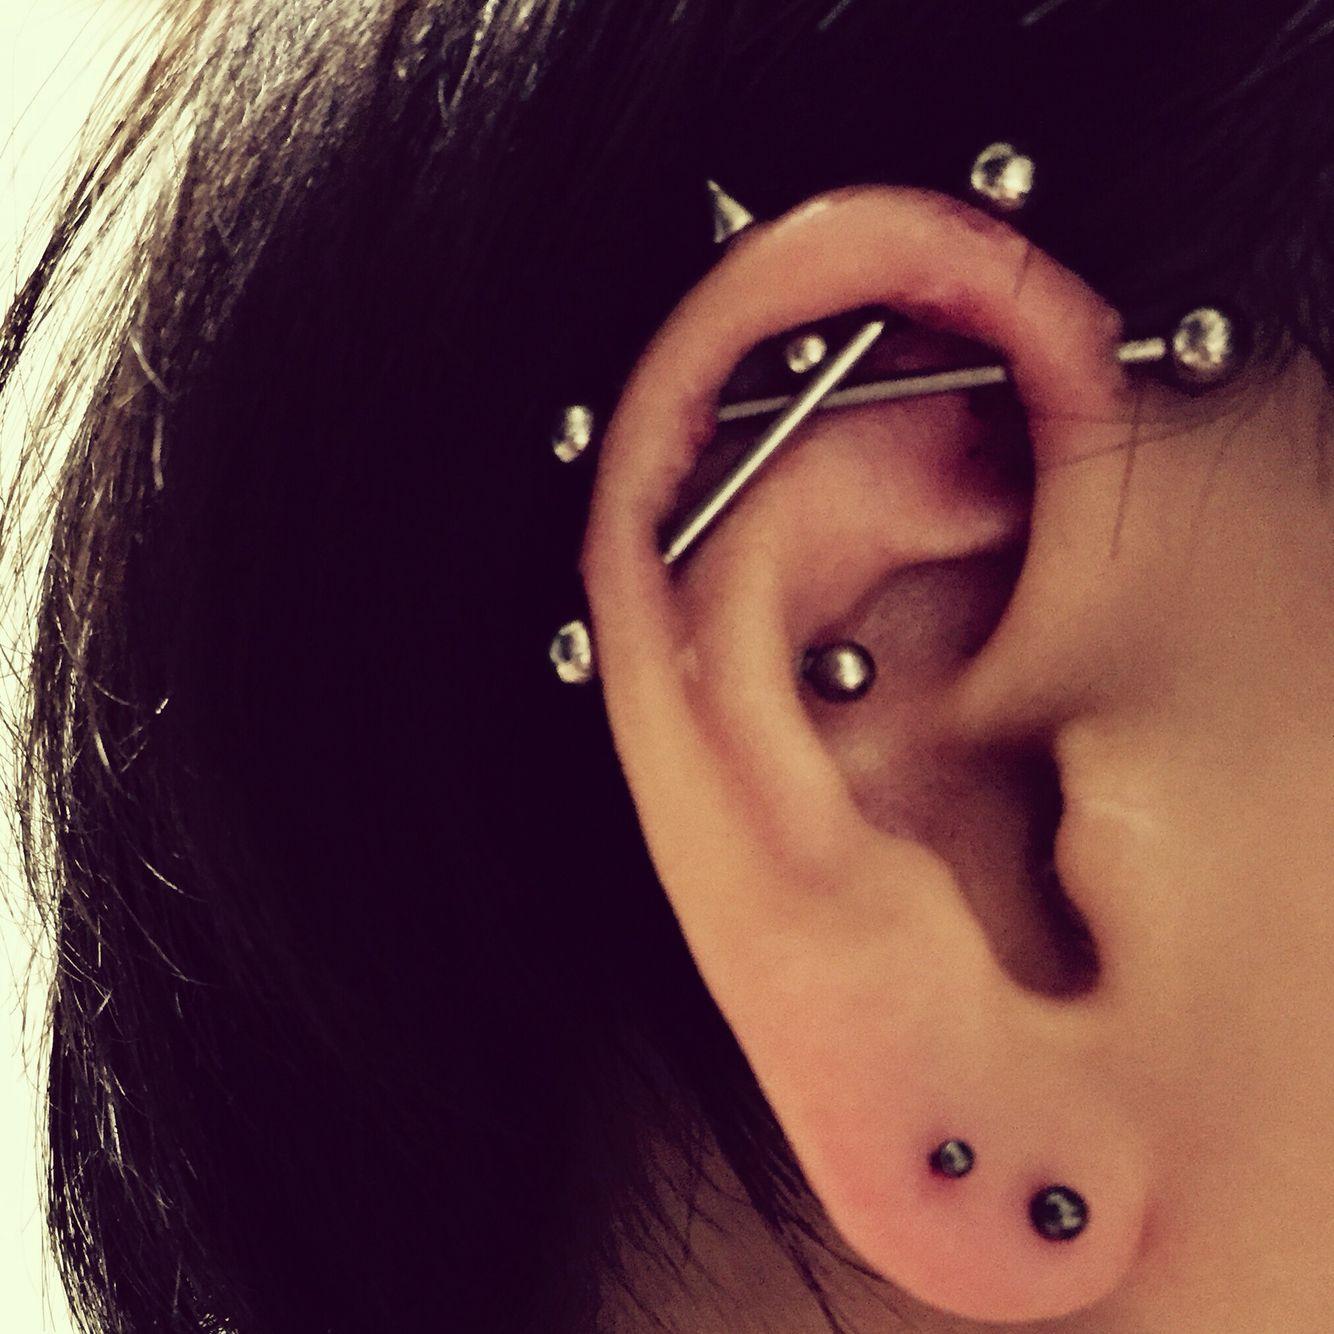 My Pierces Dibble Industrial Piercings I Like My Ears 3 Ear